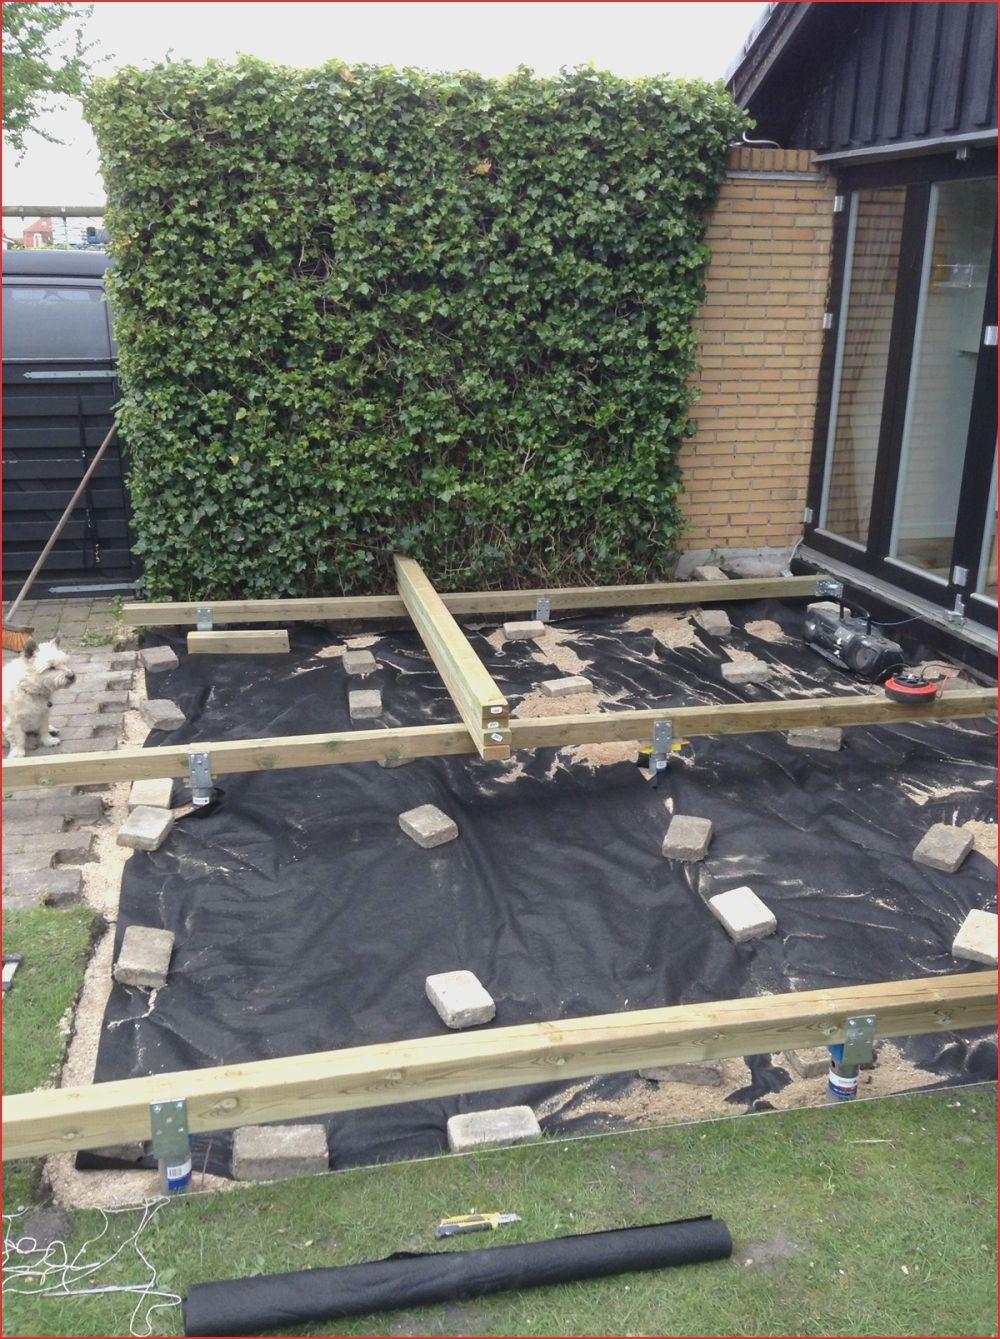 Garten Planen 25 Frisch Fundament Für Terrasse O25p